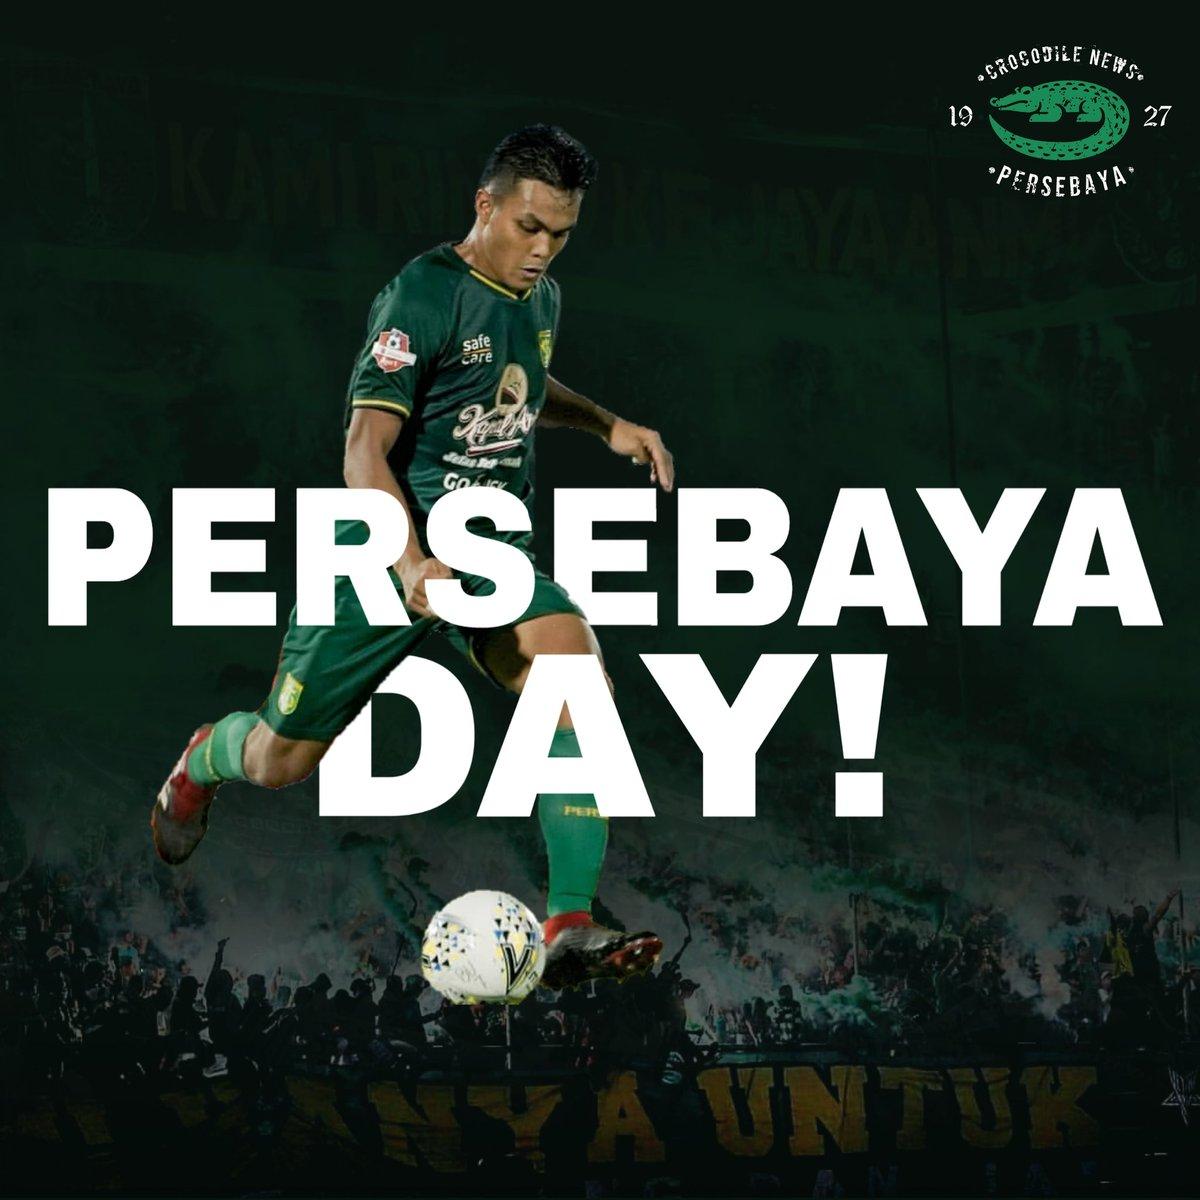 Happy Persebaya Day!  Ayo lanjutkan Tren Positif mu Jol di Kalimantan!🙏🔥 Bismillah bisa membawa 3 poin kembali!💚🐊 #Persebaya #bajolijo #greenforce #CrocodileNews #bonek #bonita #PersebayaDay